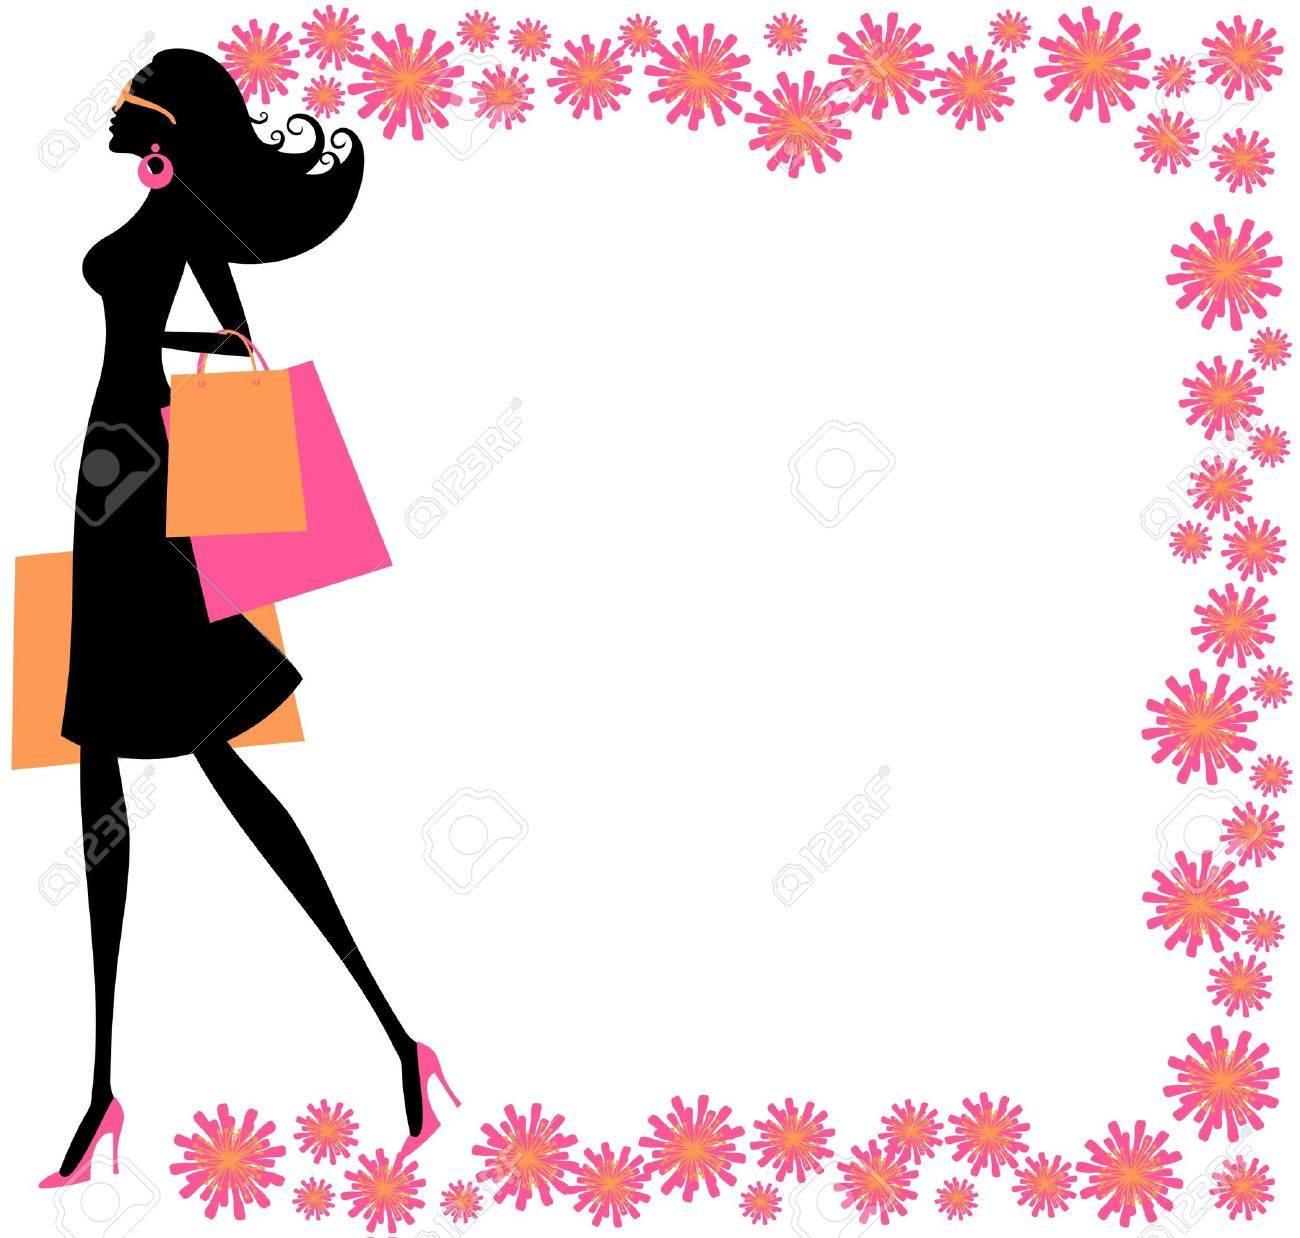 美しい花のフレームで囲まれた買い物袋を保持している若いおしゃれな